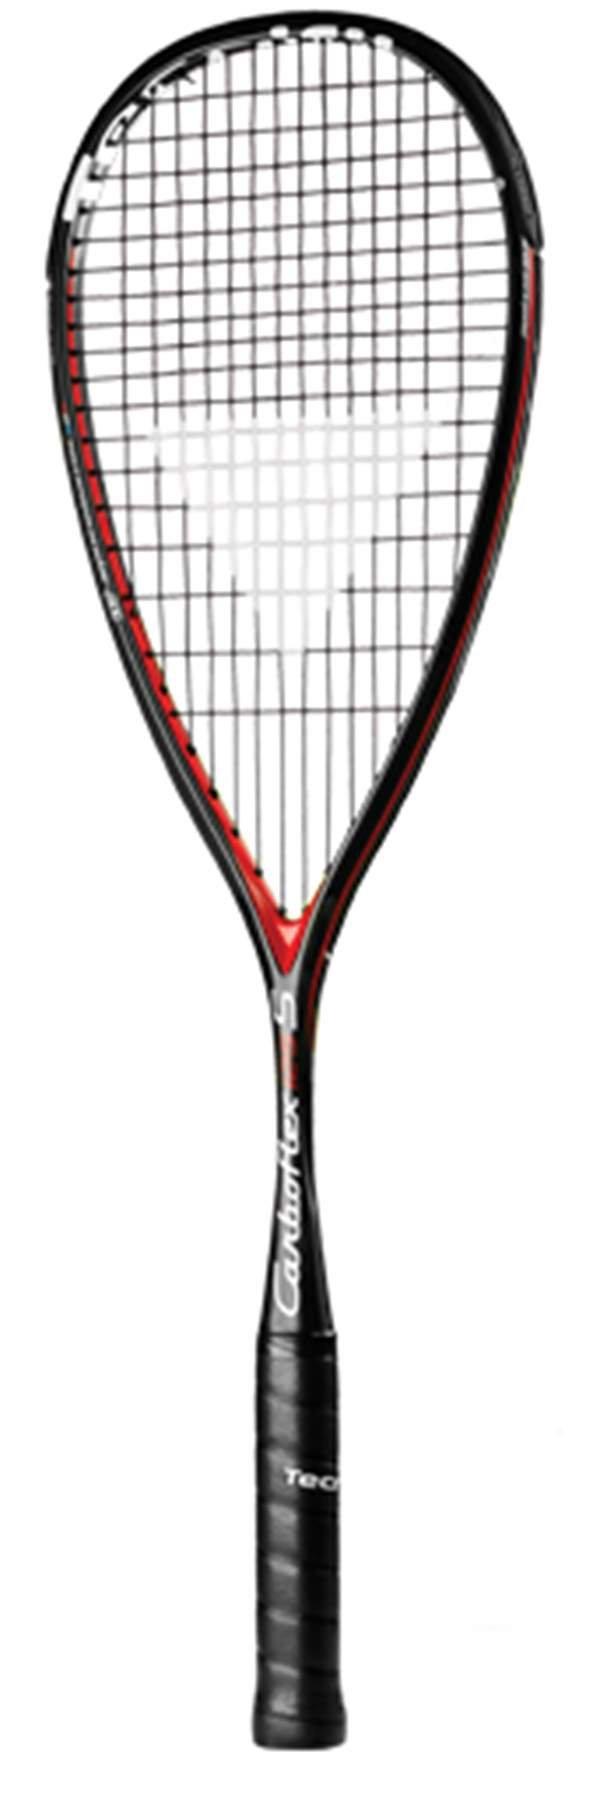 TECNIFIBRE Carboflex 125 S Squash Racquet by Tecnifibre